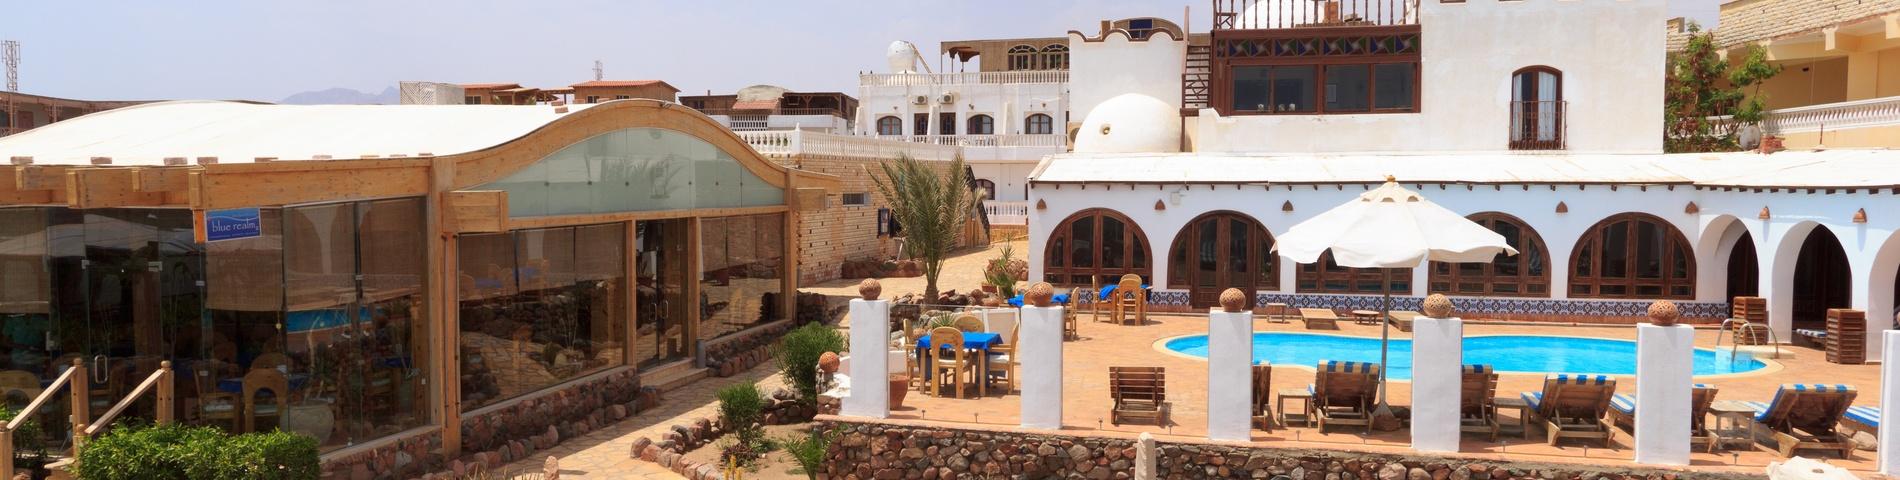 Blue Beach Club School Of Arabic Language obrazek 1